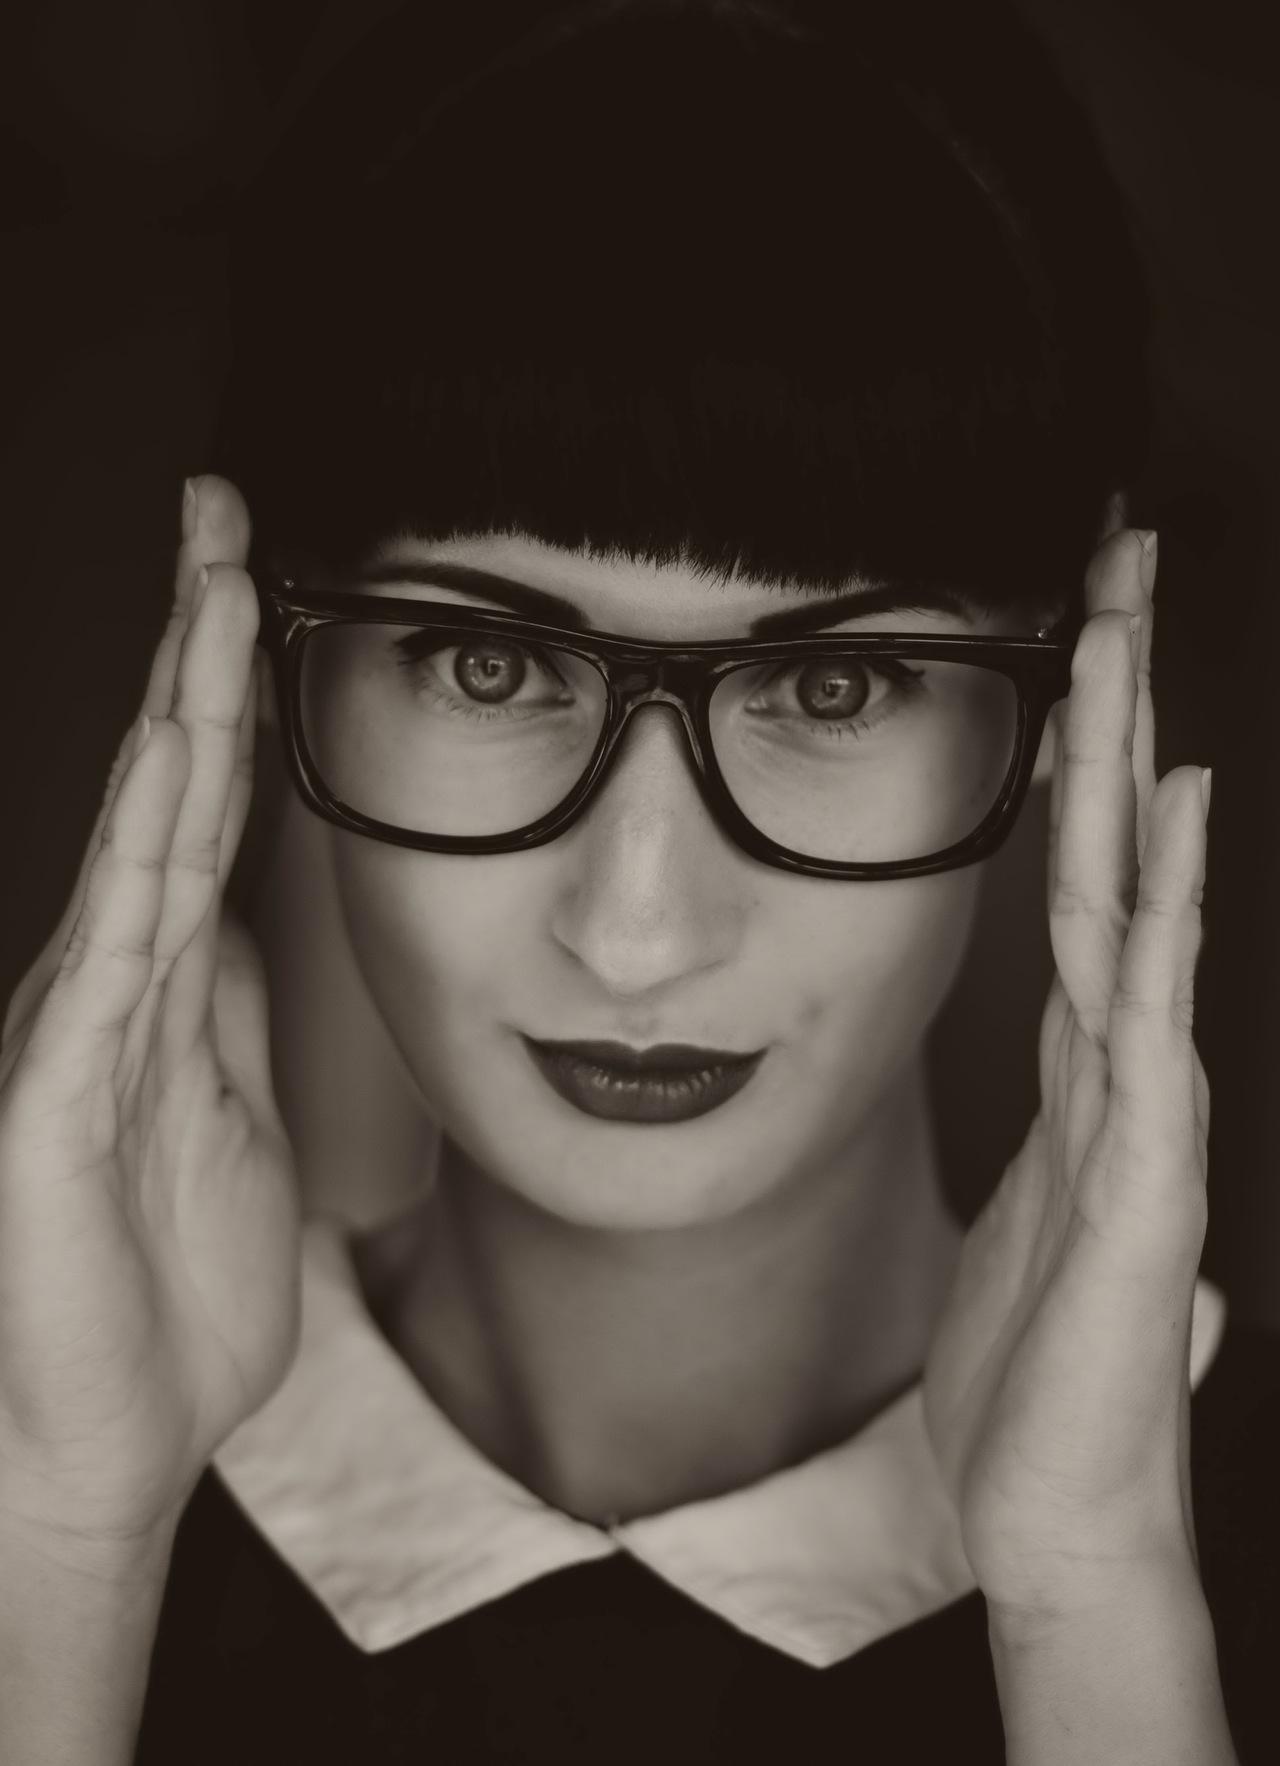 Brille anpassen: Für optimalen Seh- und Tragekomfort